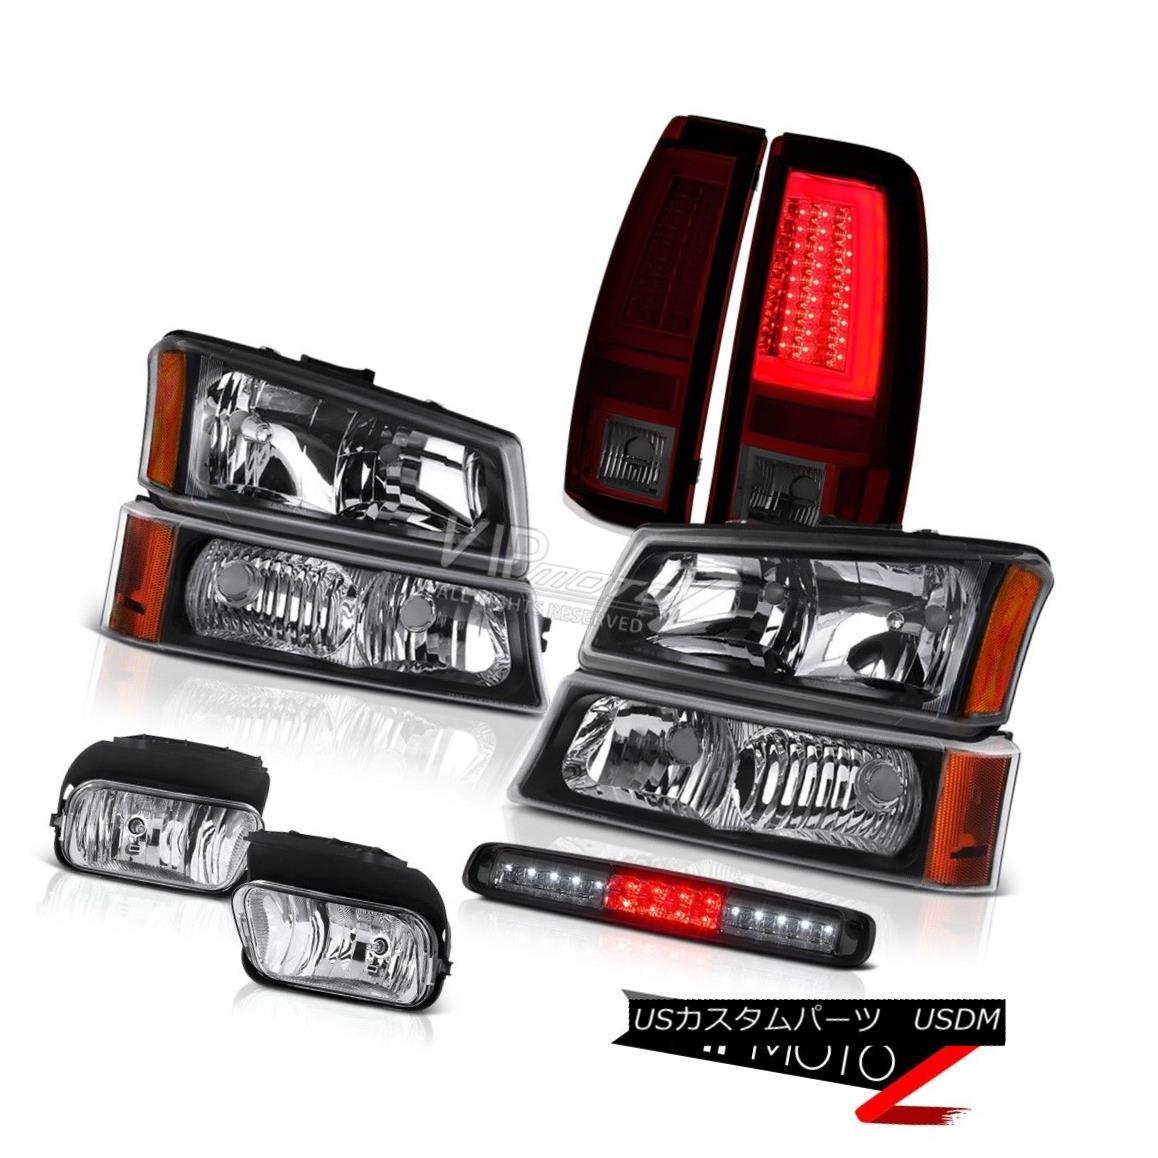 ヘッドライト 03-06 Silverado 1500 Tail Lamps Headlights Foglamps Smoked Roof Cab Light LED 03-06 Silverado 1500テールランプヘッドライトフォグランプスモークルーフキャブライトLED